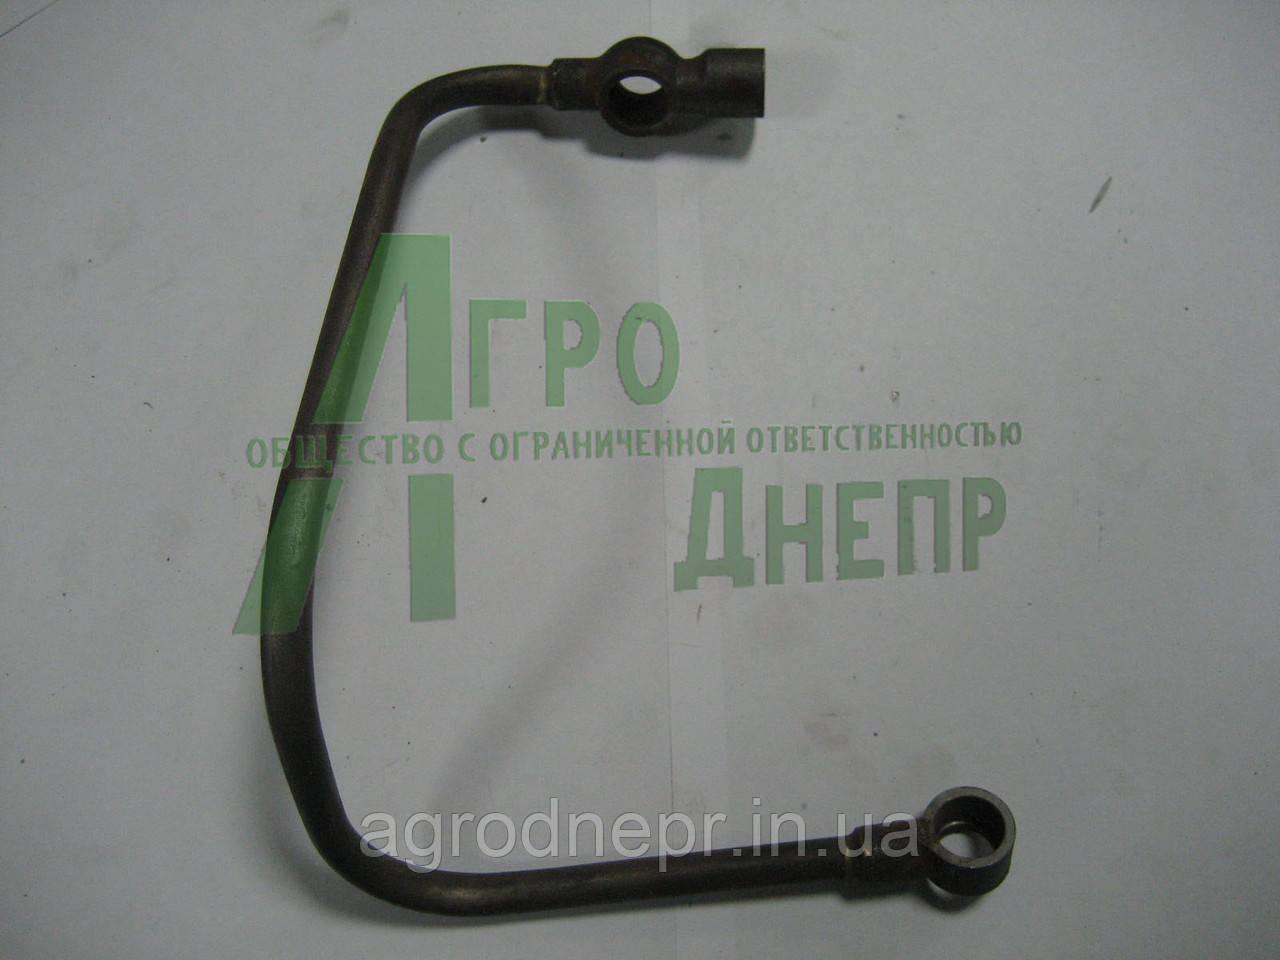 Топливопровод Д65-18-С11